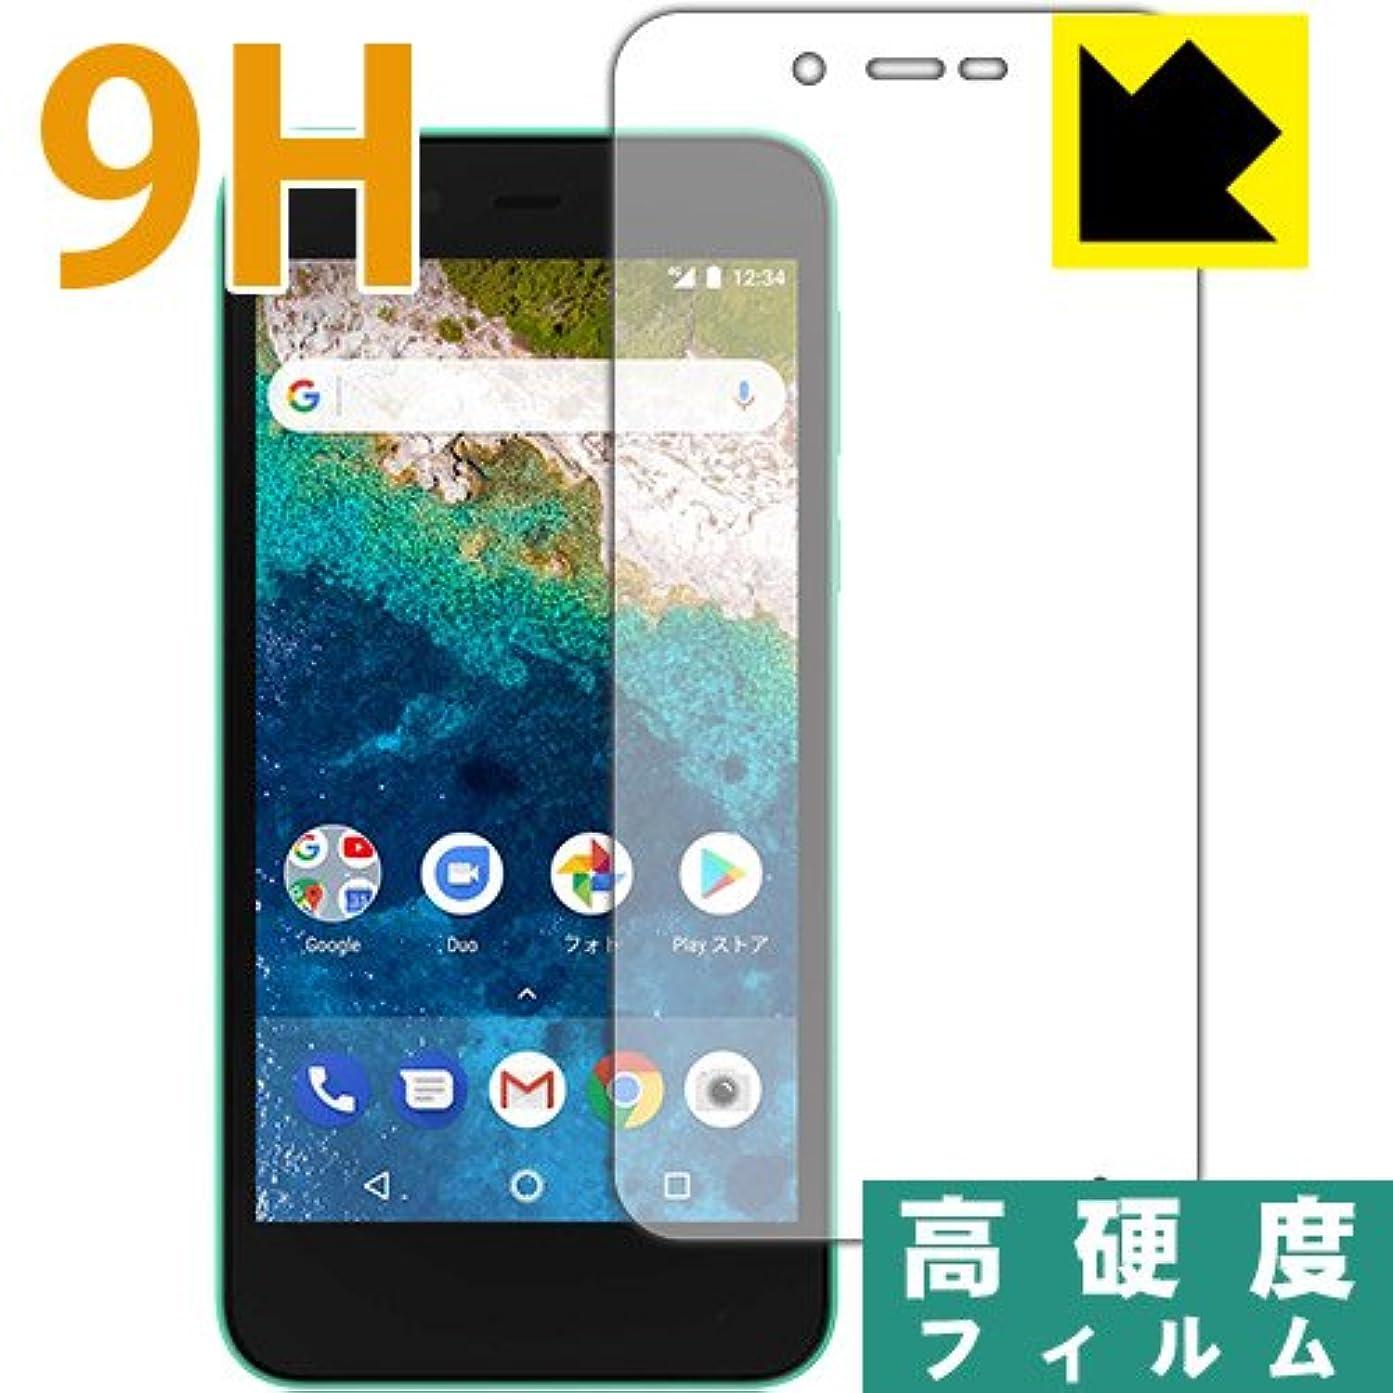 櫛揃えるびっくりするPET製フィルムなのに強化ガラス同等の硬度 9H高硬度[光沢]保護フィルム Android One S3 日本製